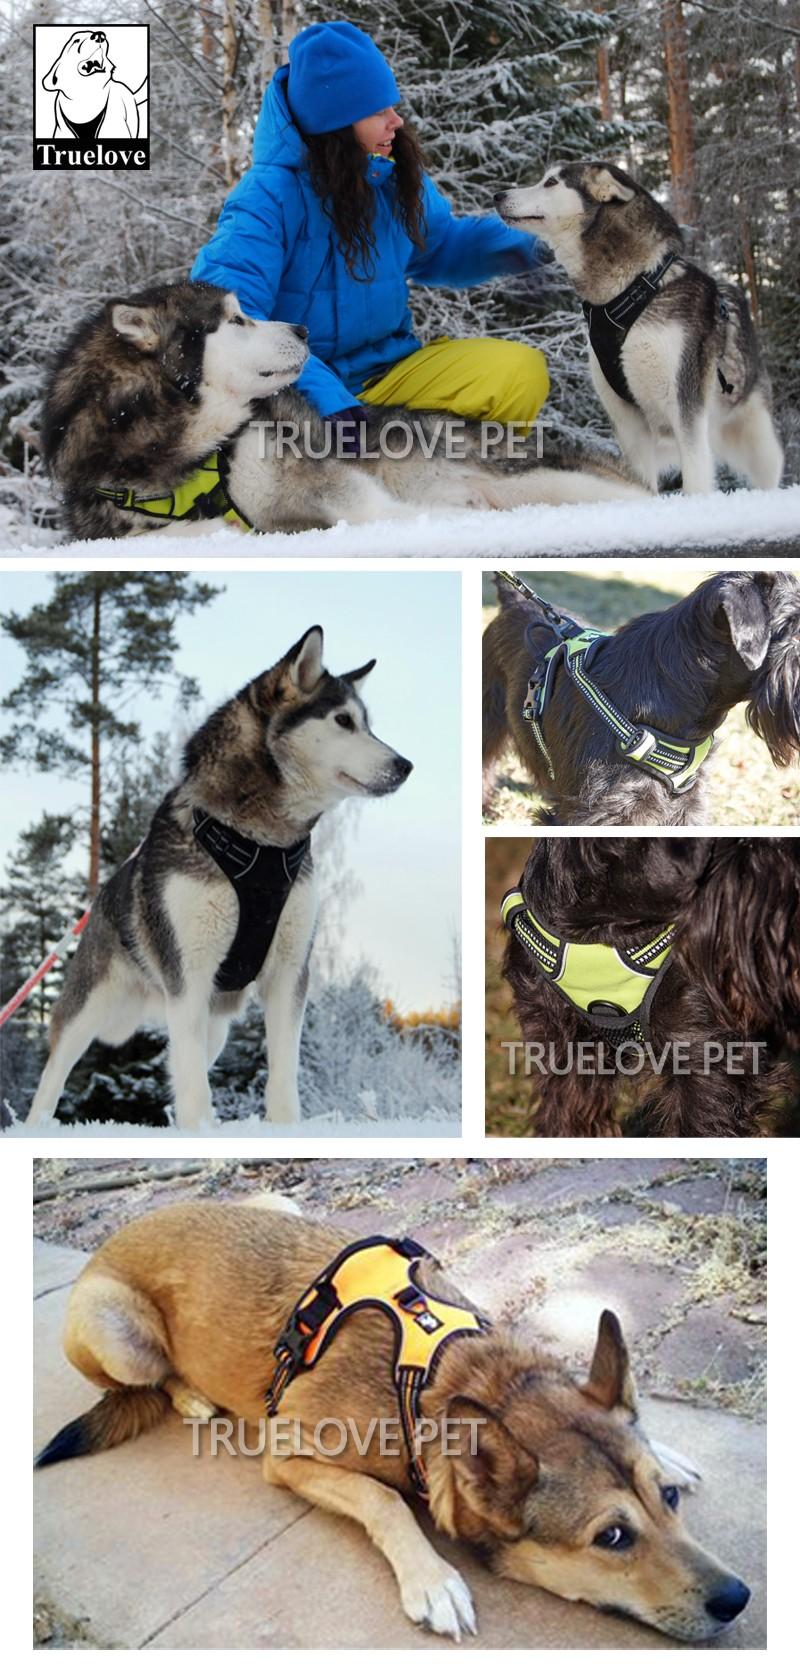 Peitoral para Cachorro | Extra Confortável e Refletivo | Frete Gratis